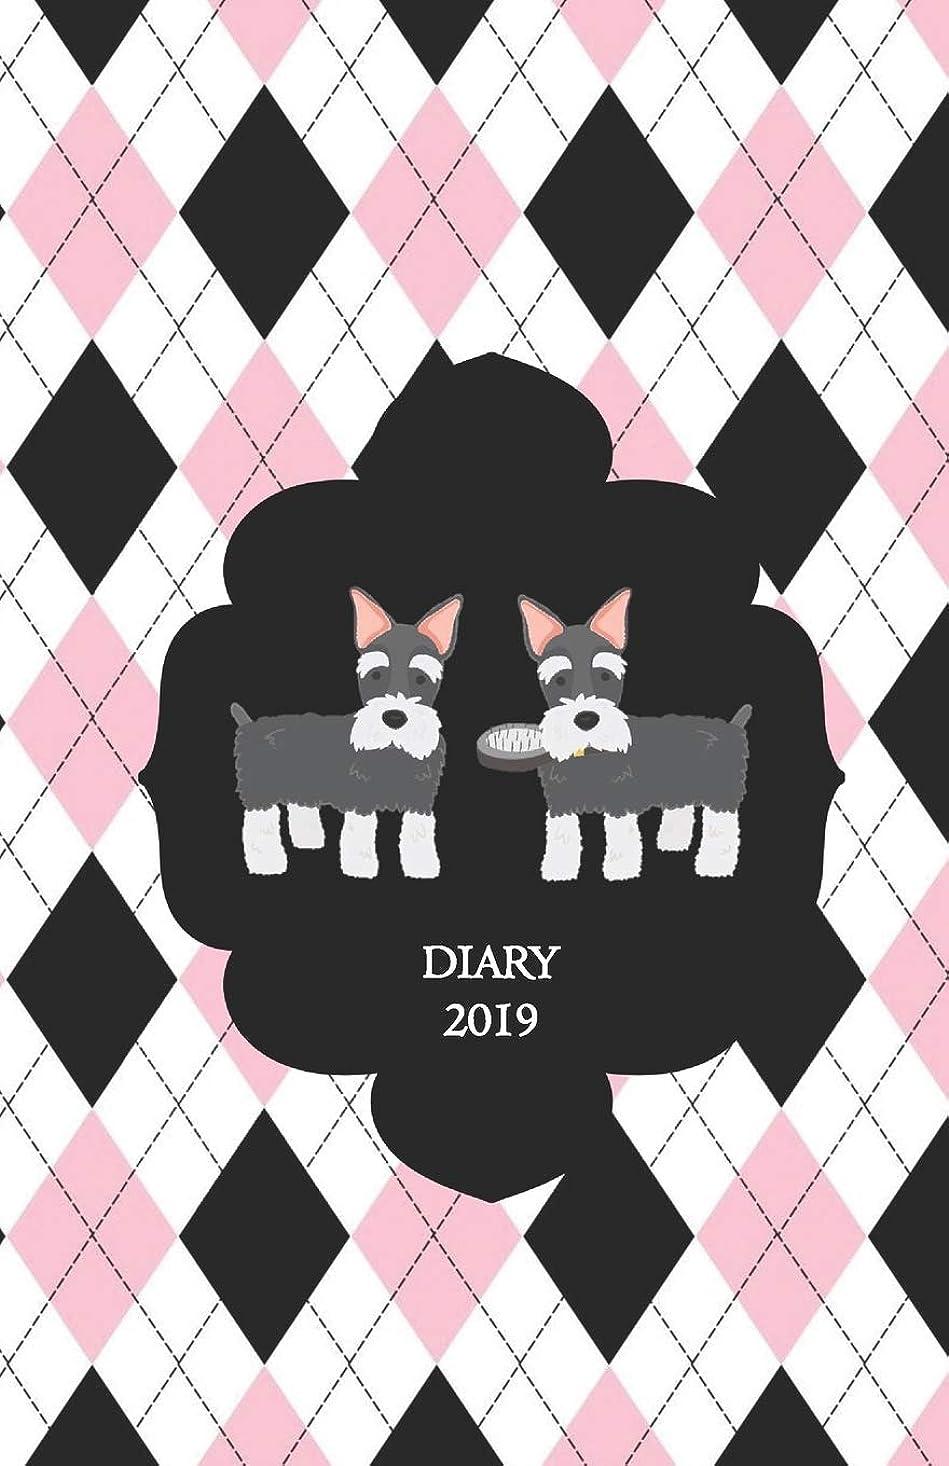 歯車喜びヘルメットDiary 2019: Mini Schnauzer - Monthly and Weekly Planner 2019 (also Dec 2018) with yearly overviews, monthly calendars and weekly 2-page horizontal layout, notes, lists (Monday start week)